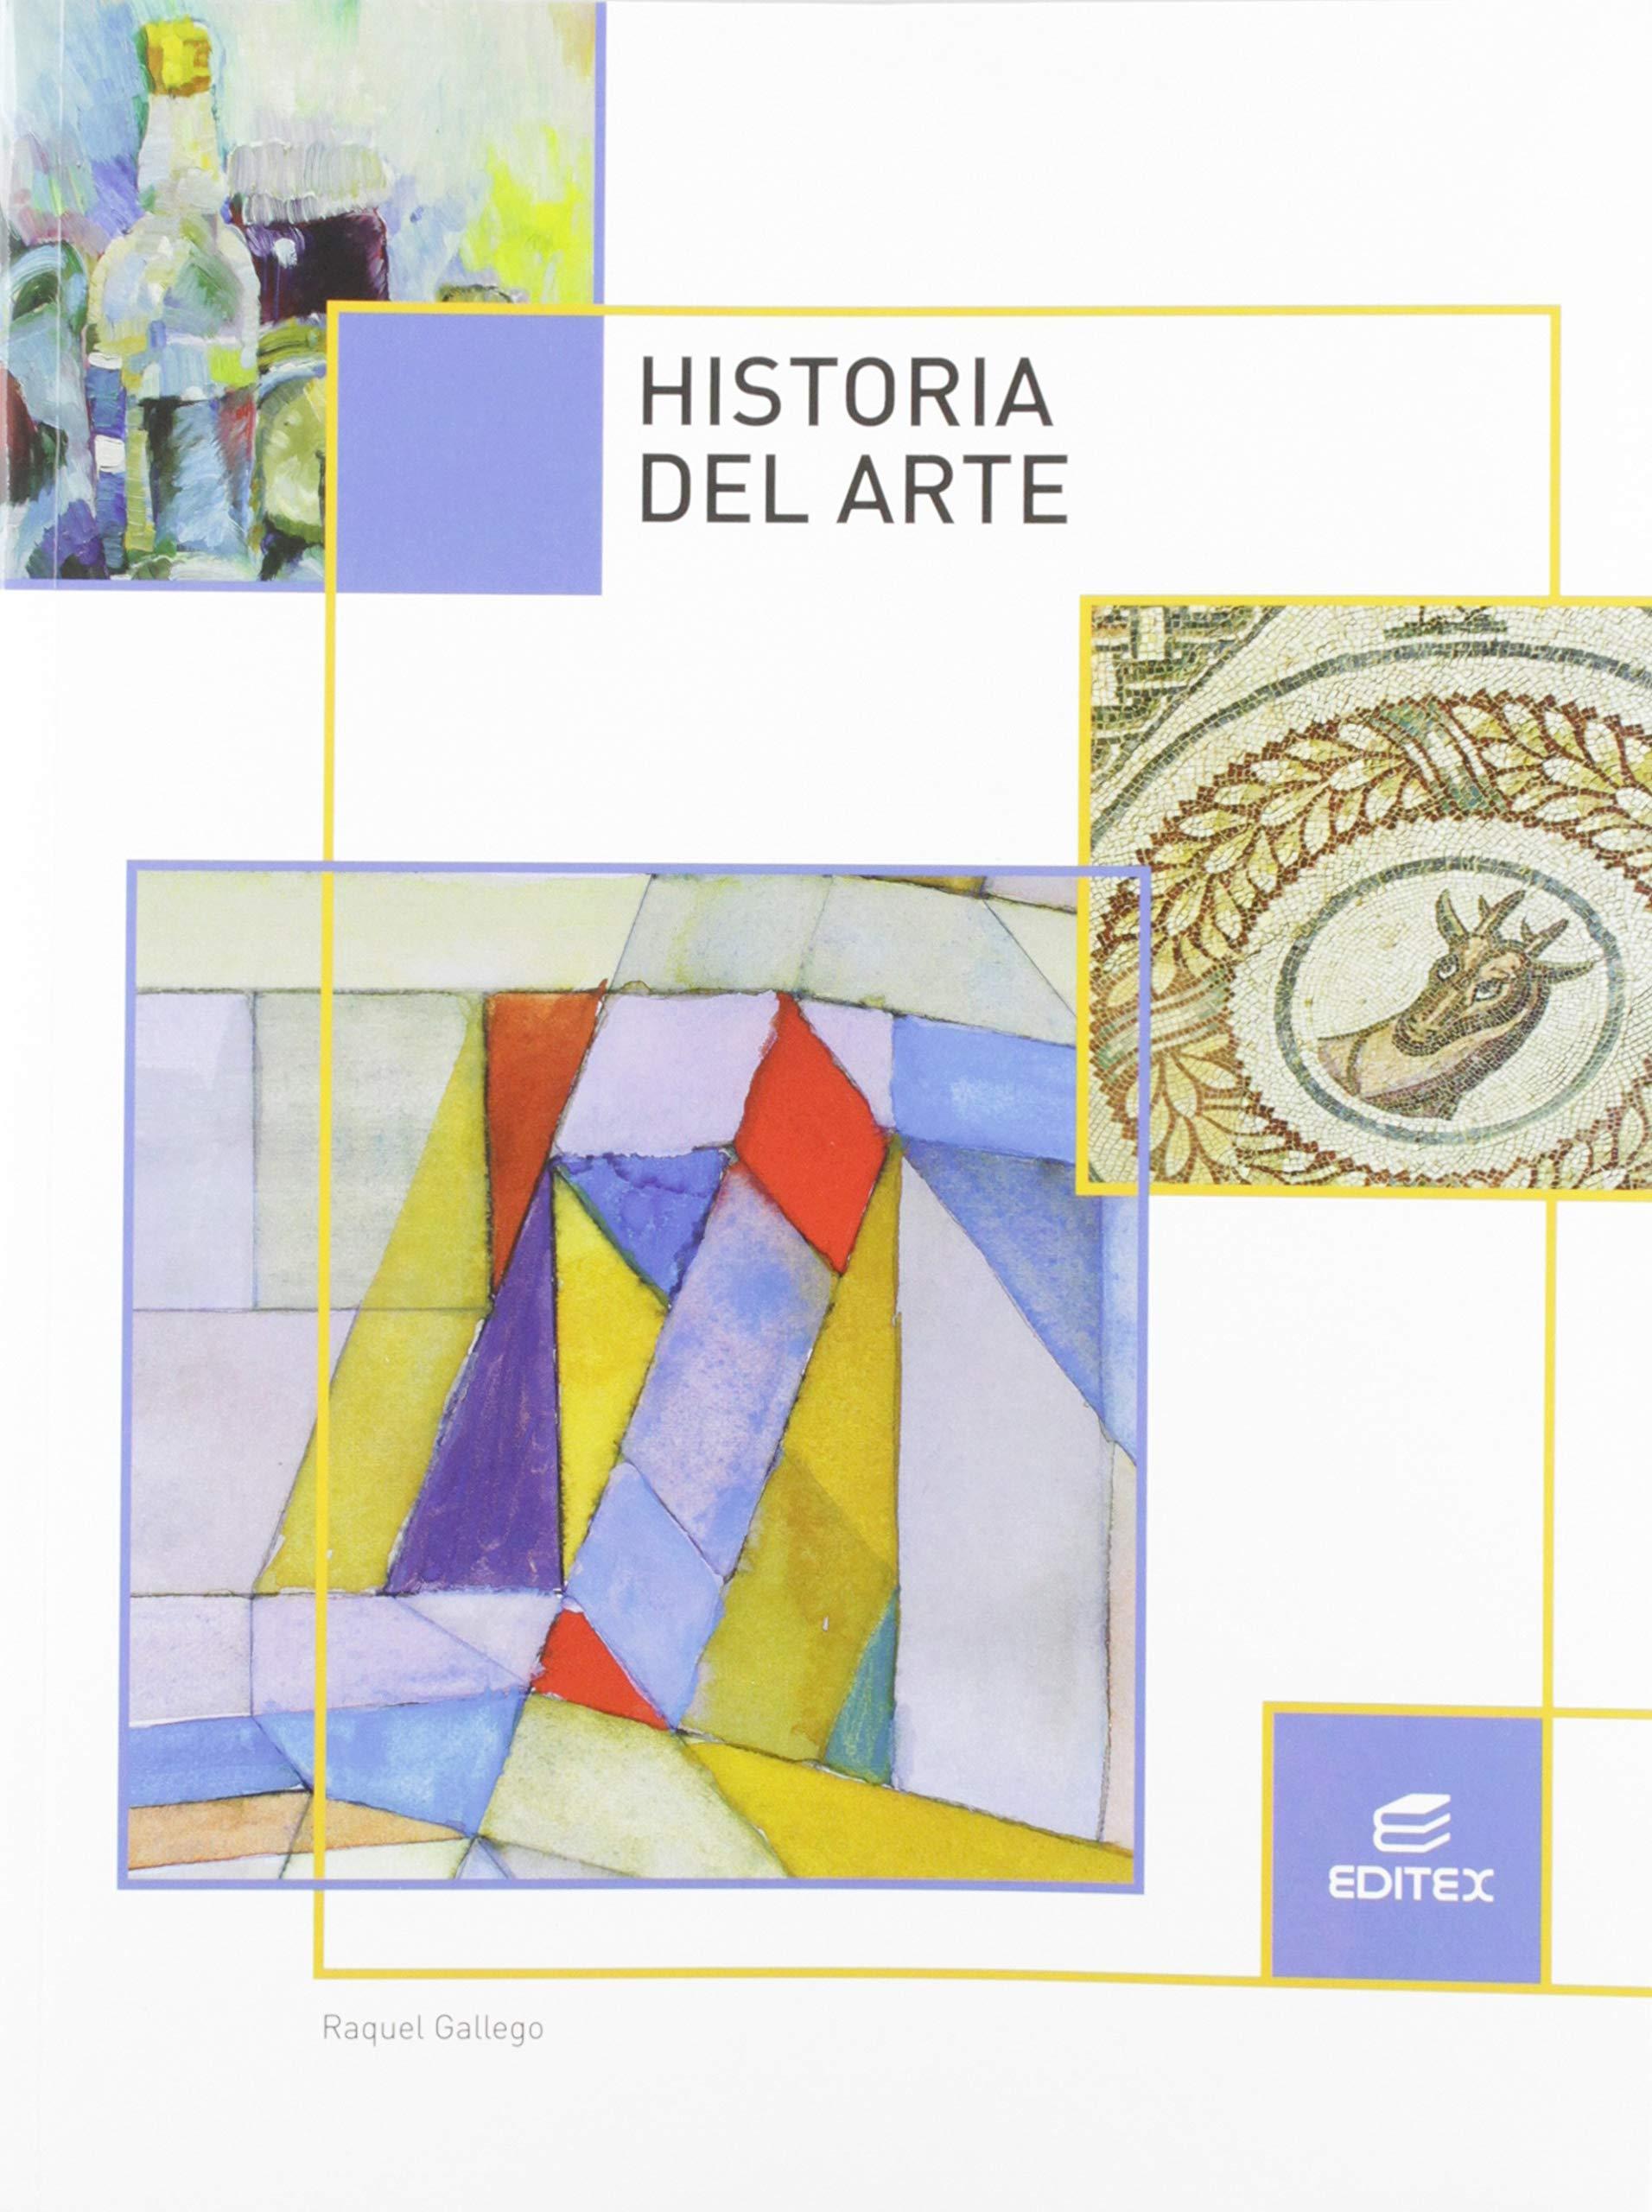 Historia del Arte 2º Bachillerato - 9788497715171: Amazon.es: Gallego García, Raquel: Libros